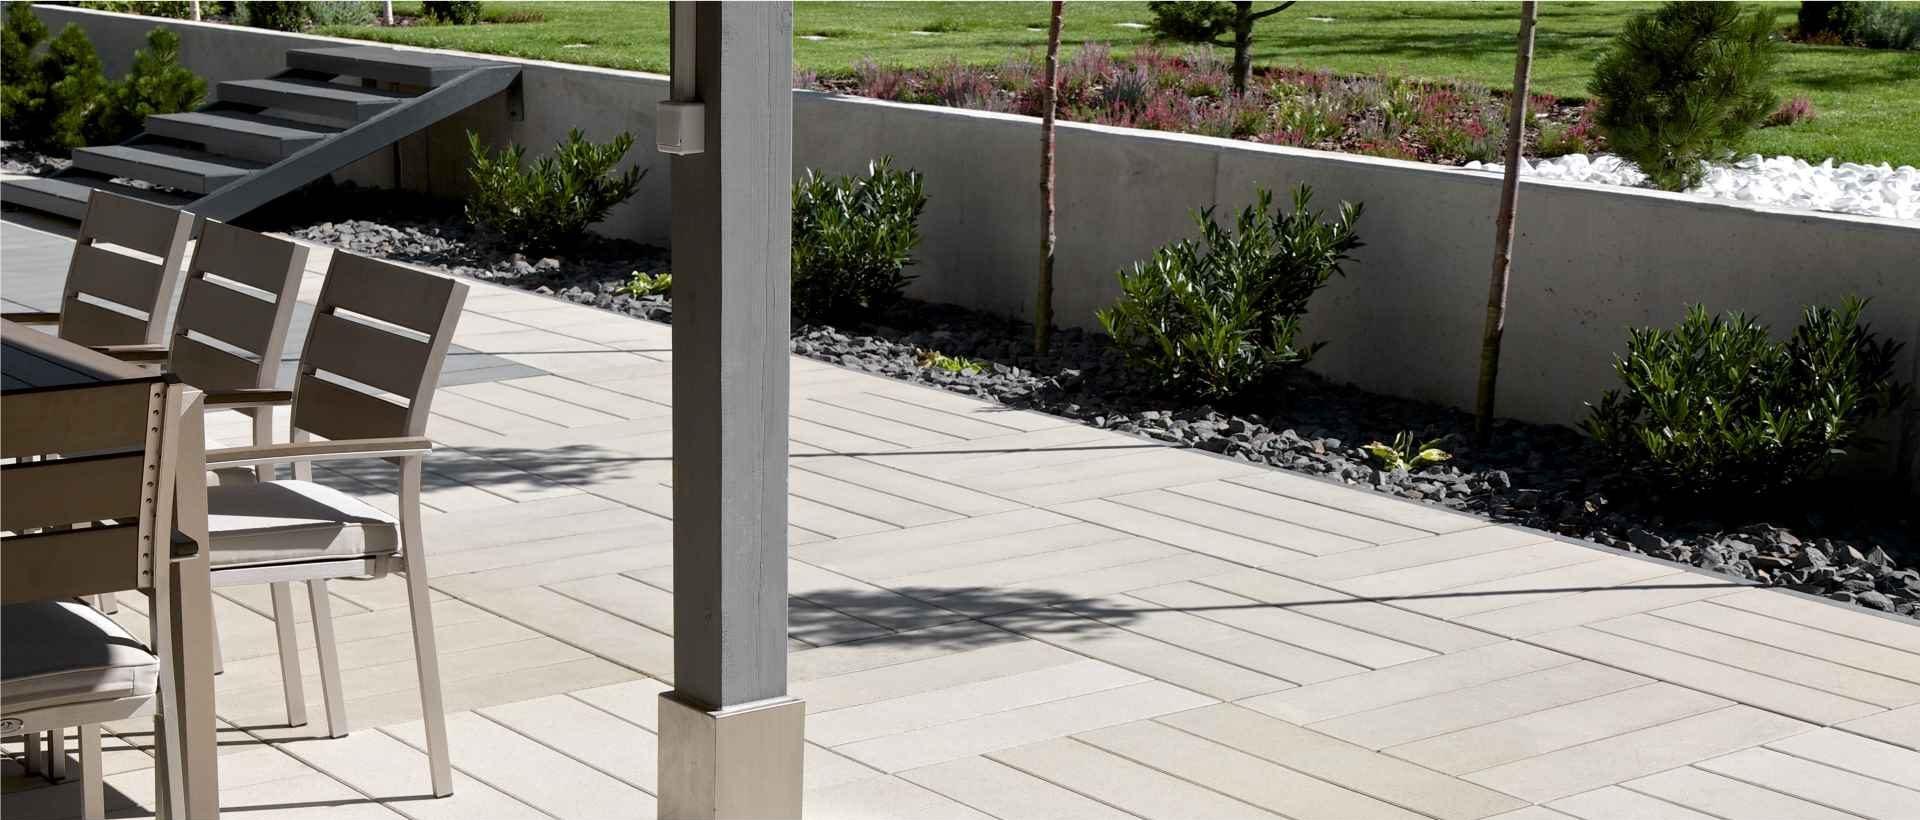 Solid slabs, Modern Line